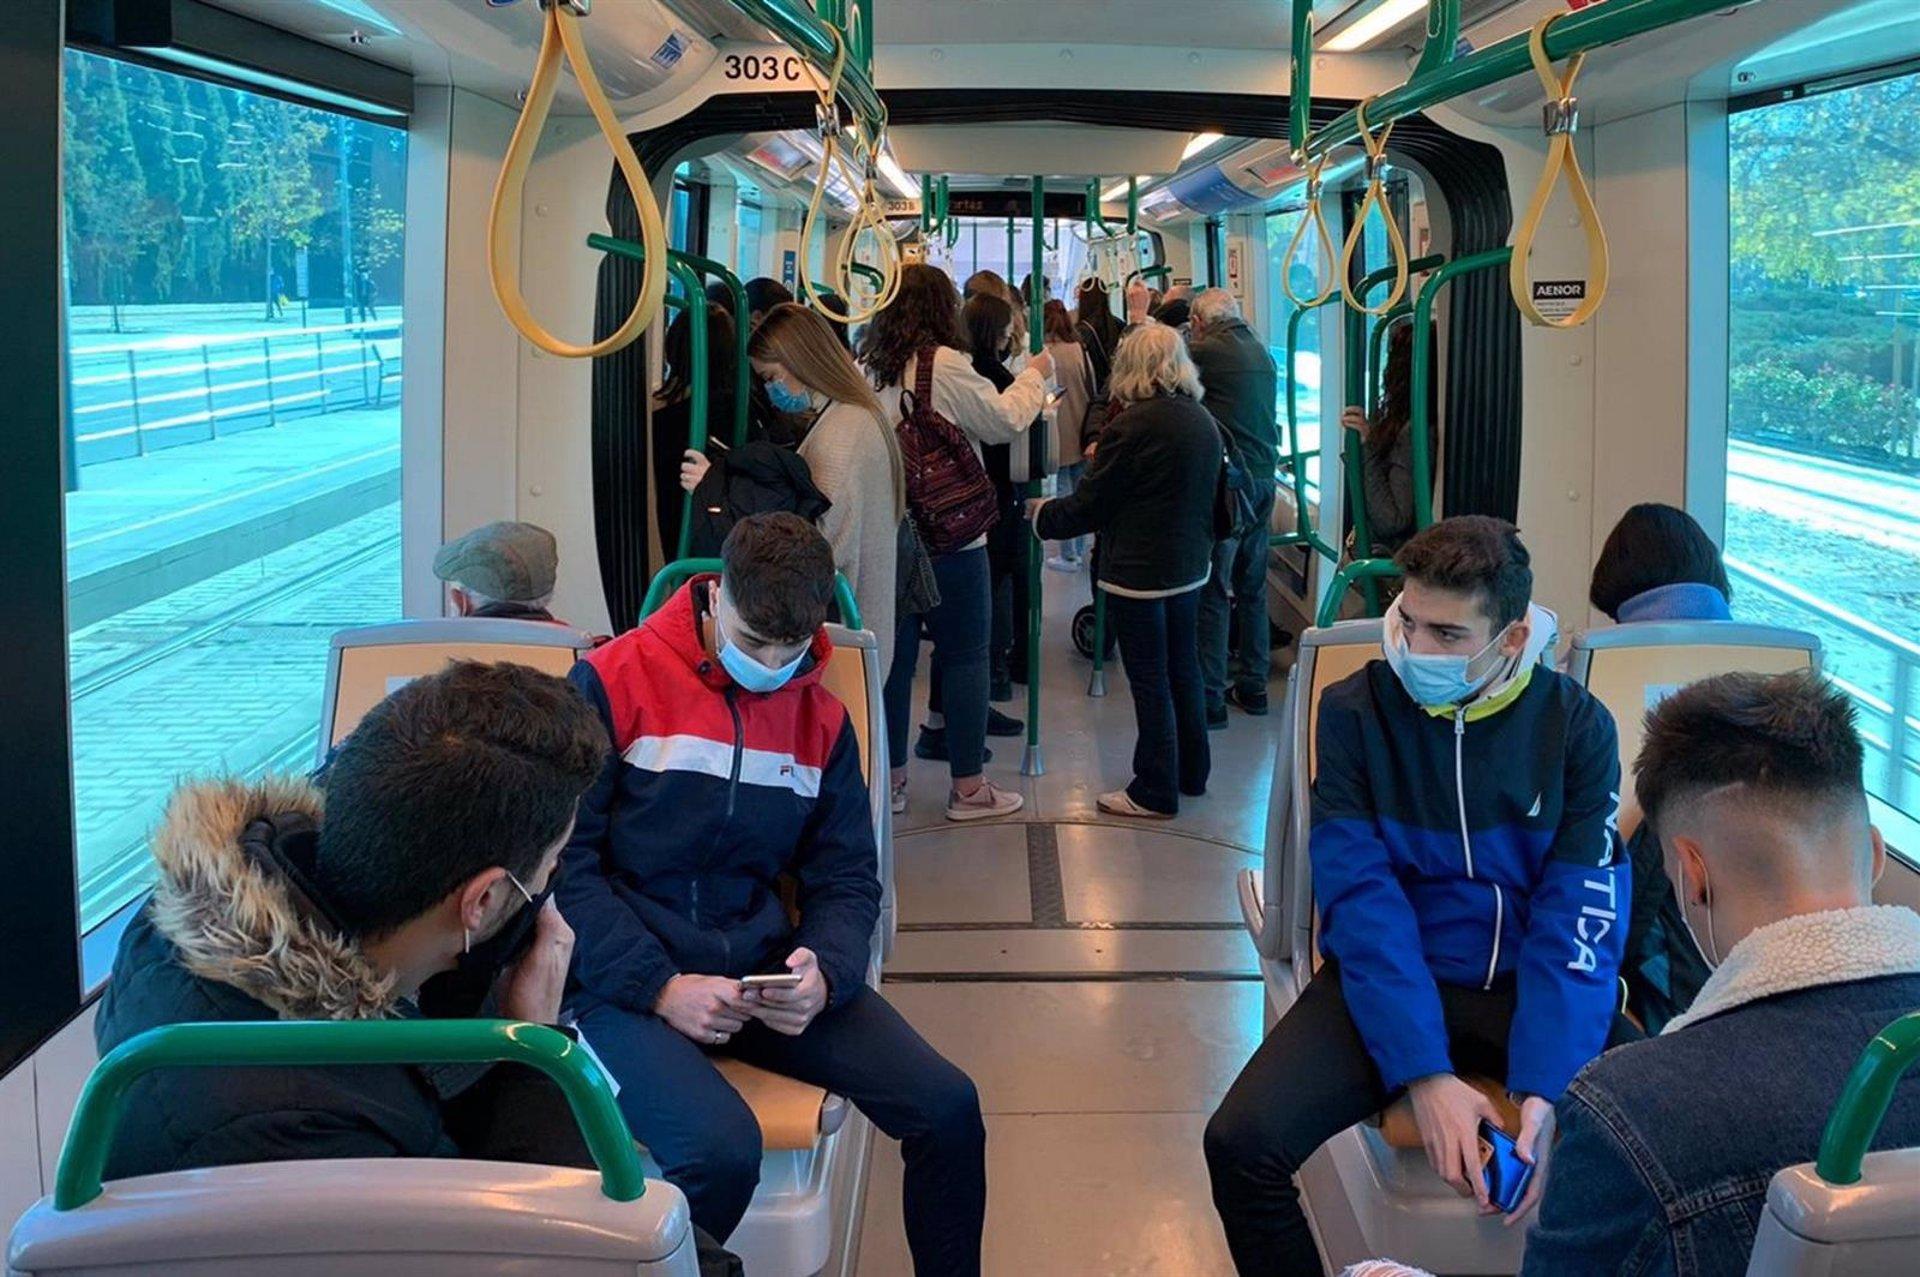 El Metro recupera el horario de los fines de semana hasta las 2 de la madrugada tras el fin del toque de queda